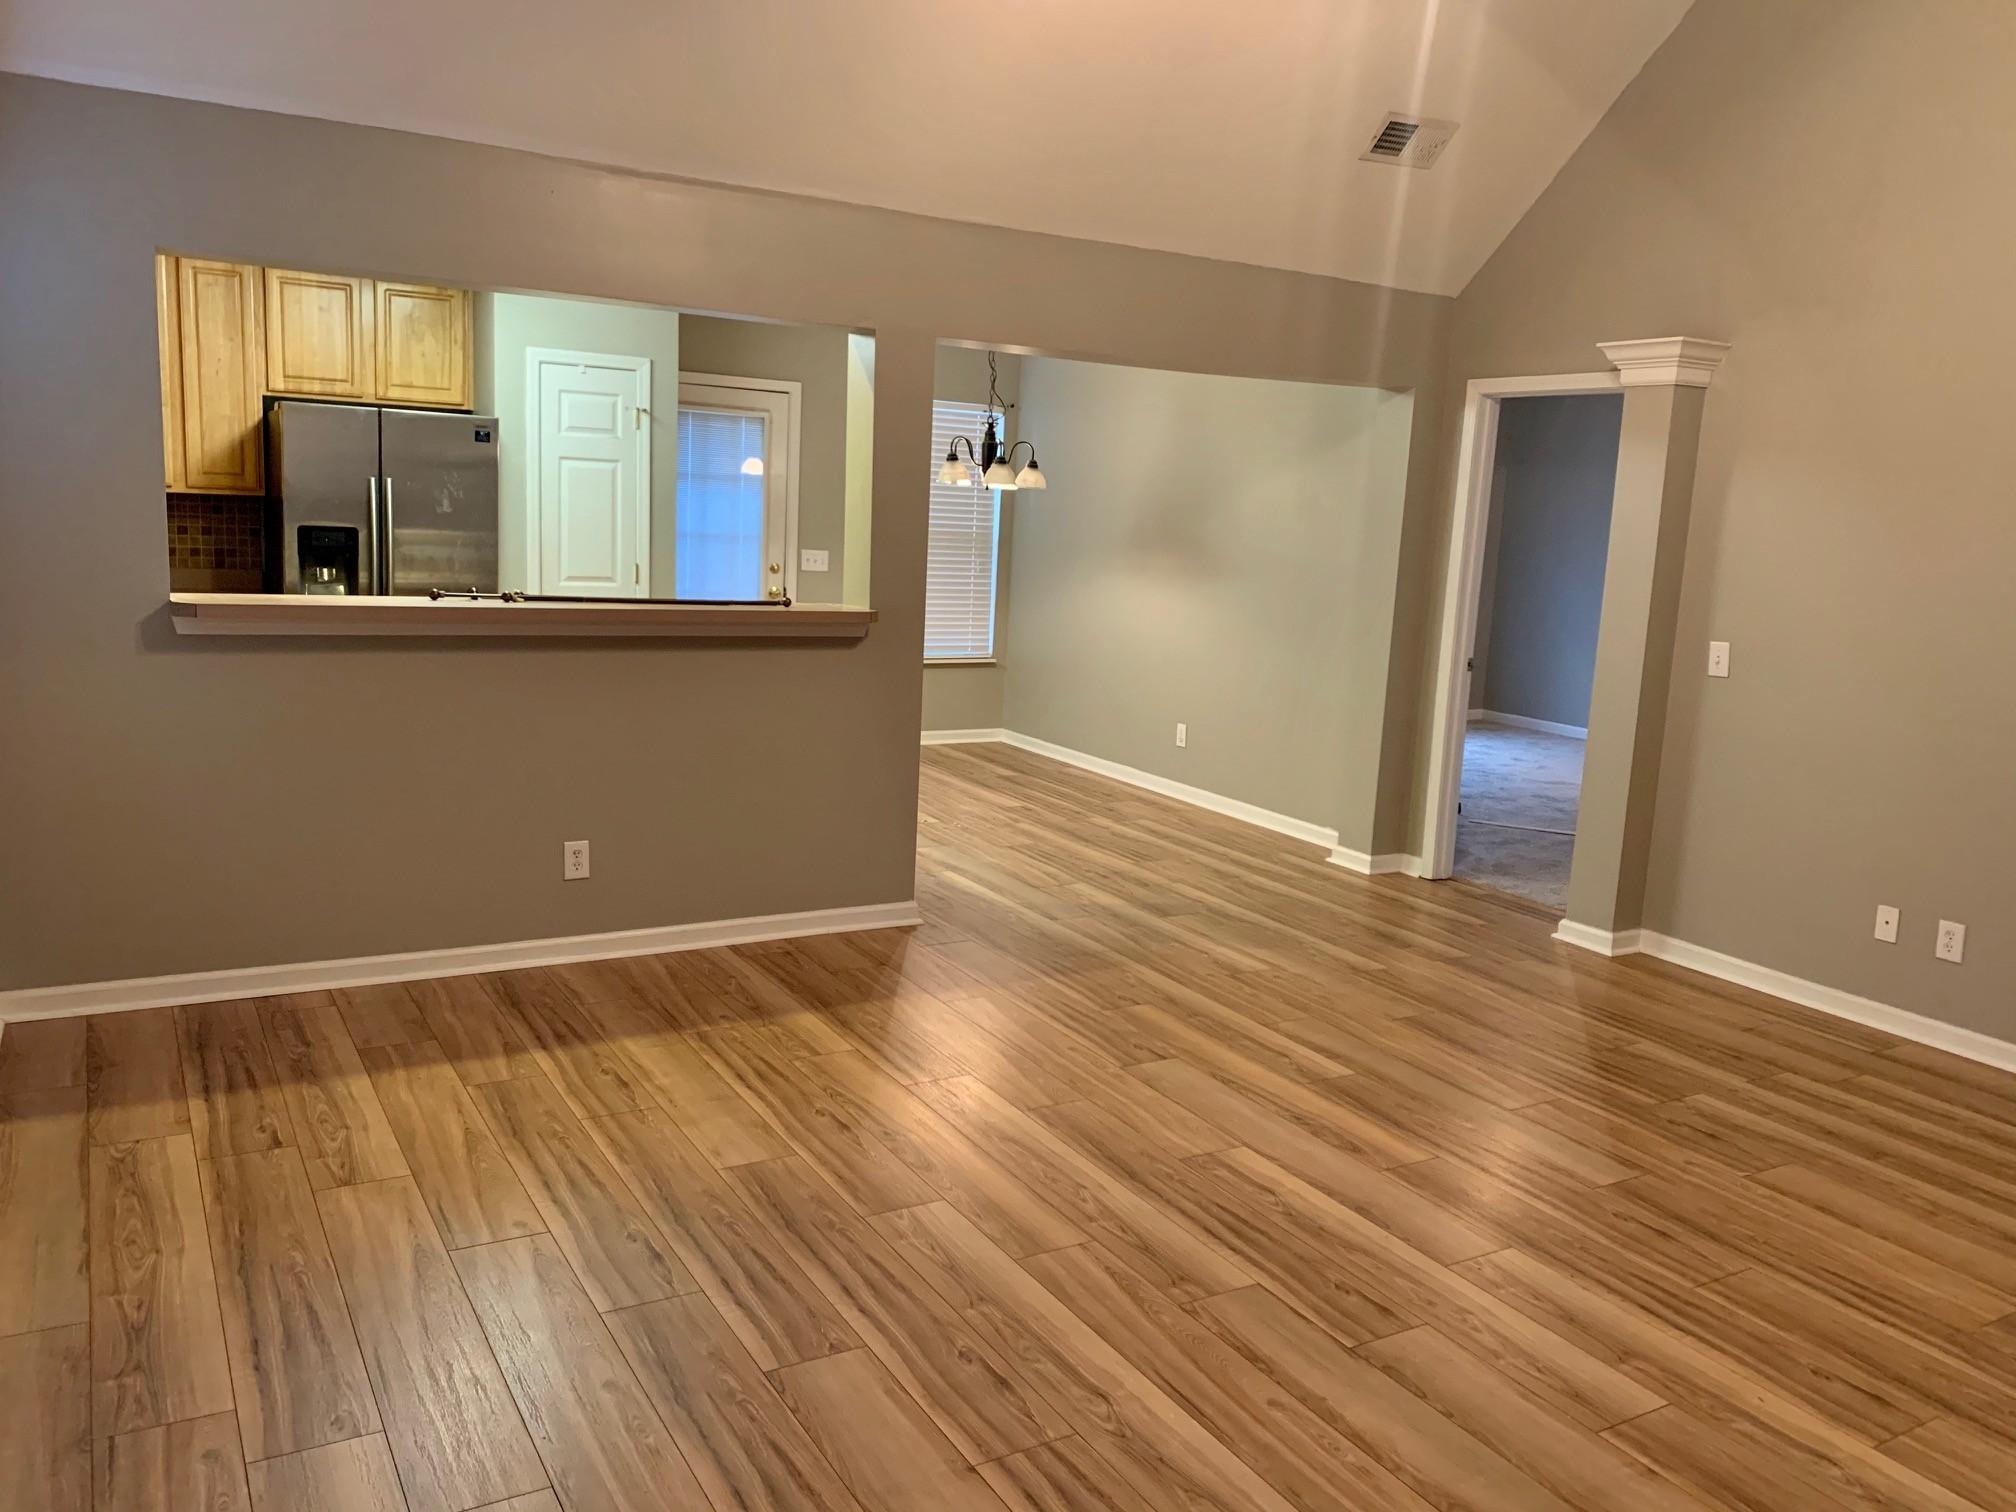 405 Vailview Dr, Nashville, TN 37207 - Nashville, TN real estate listing